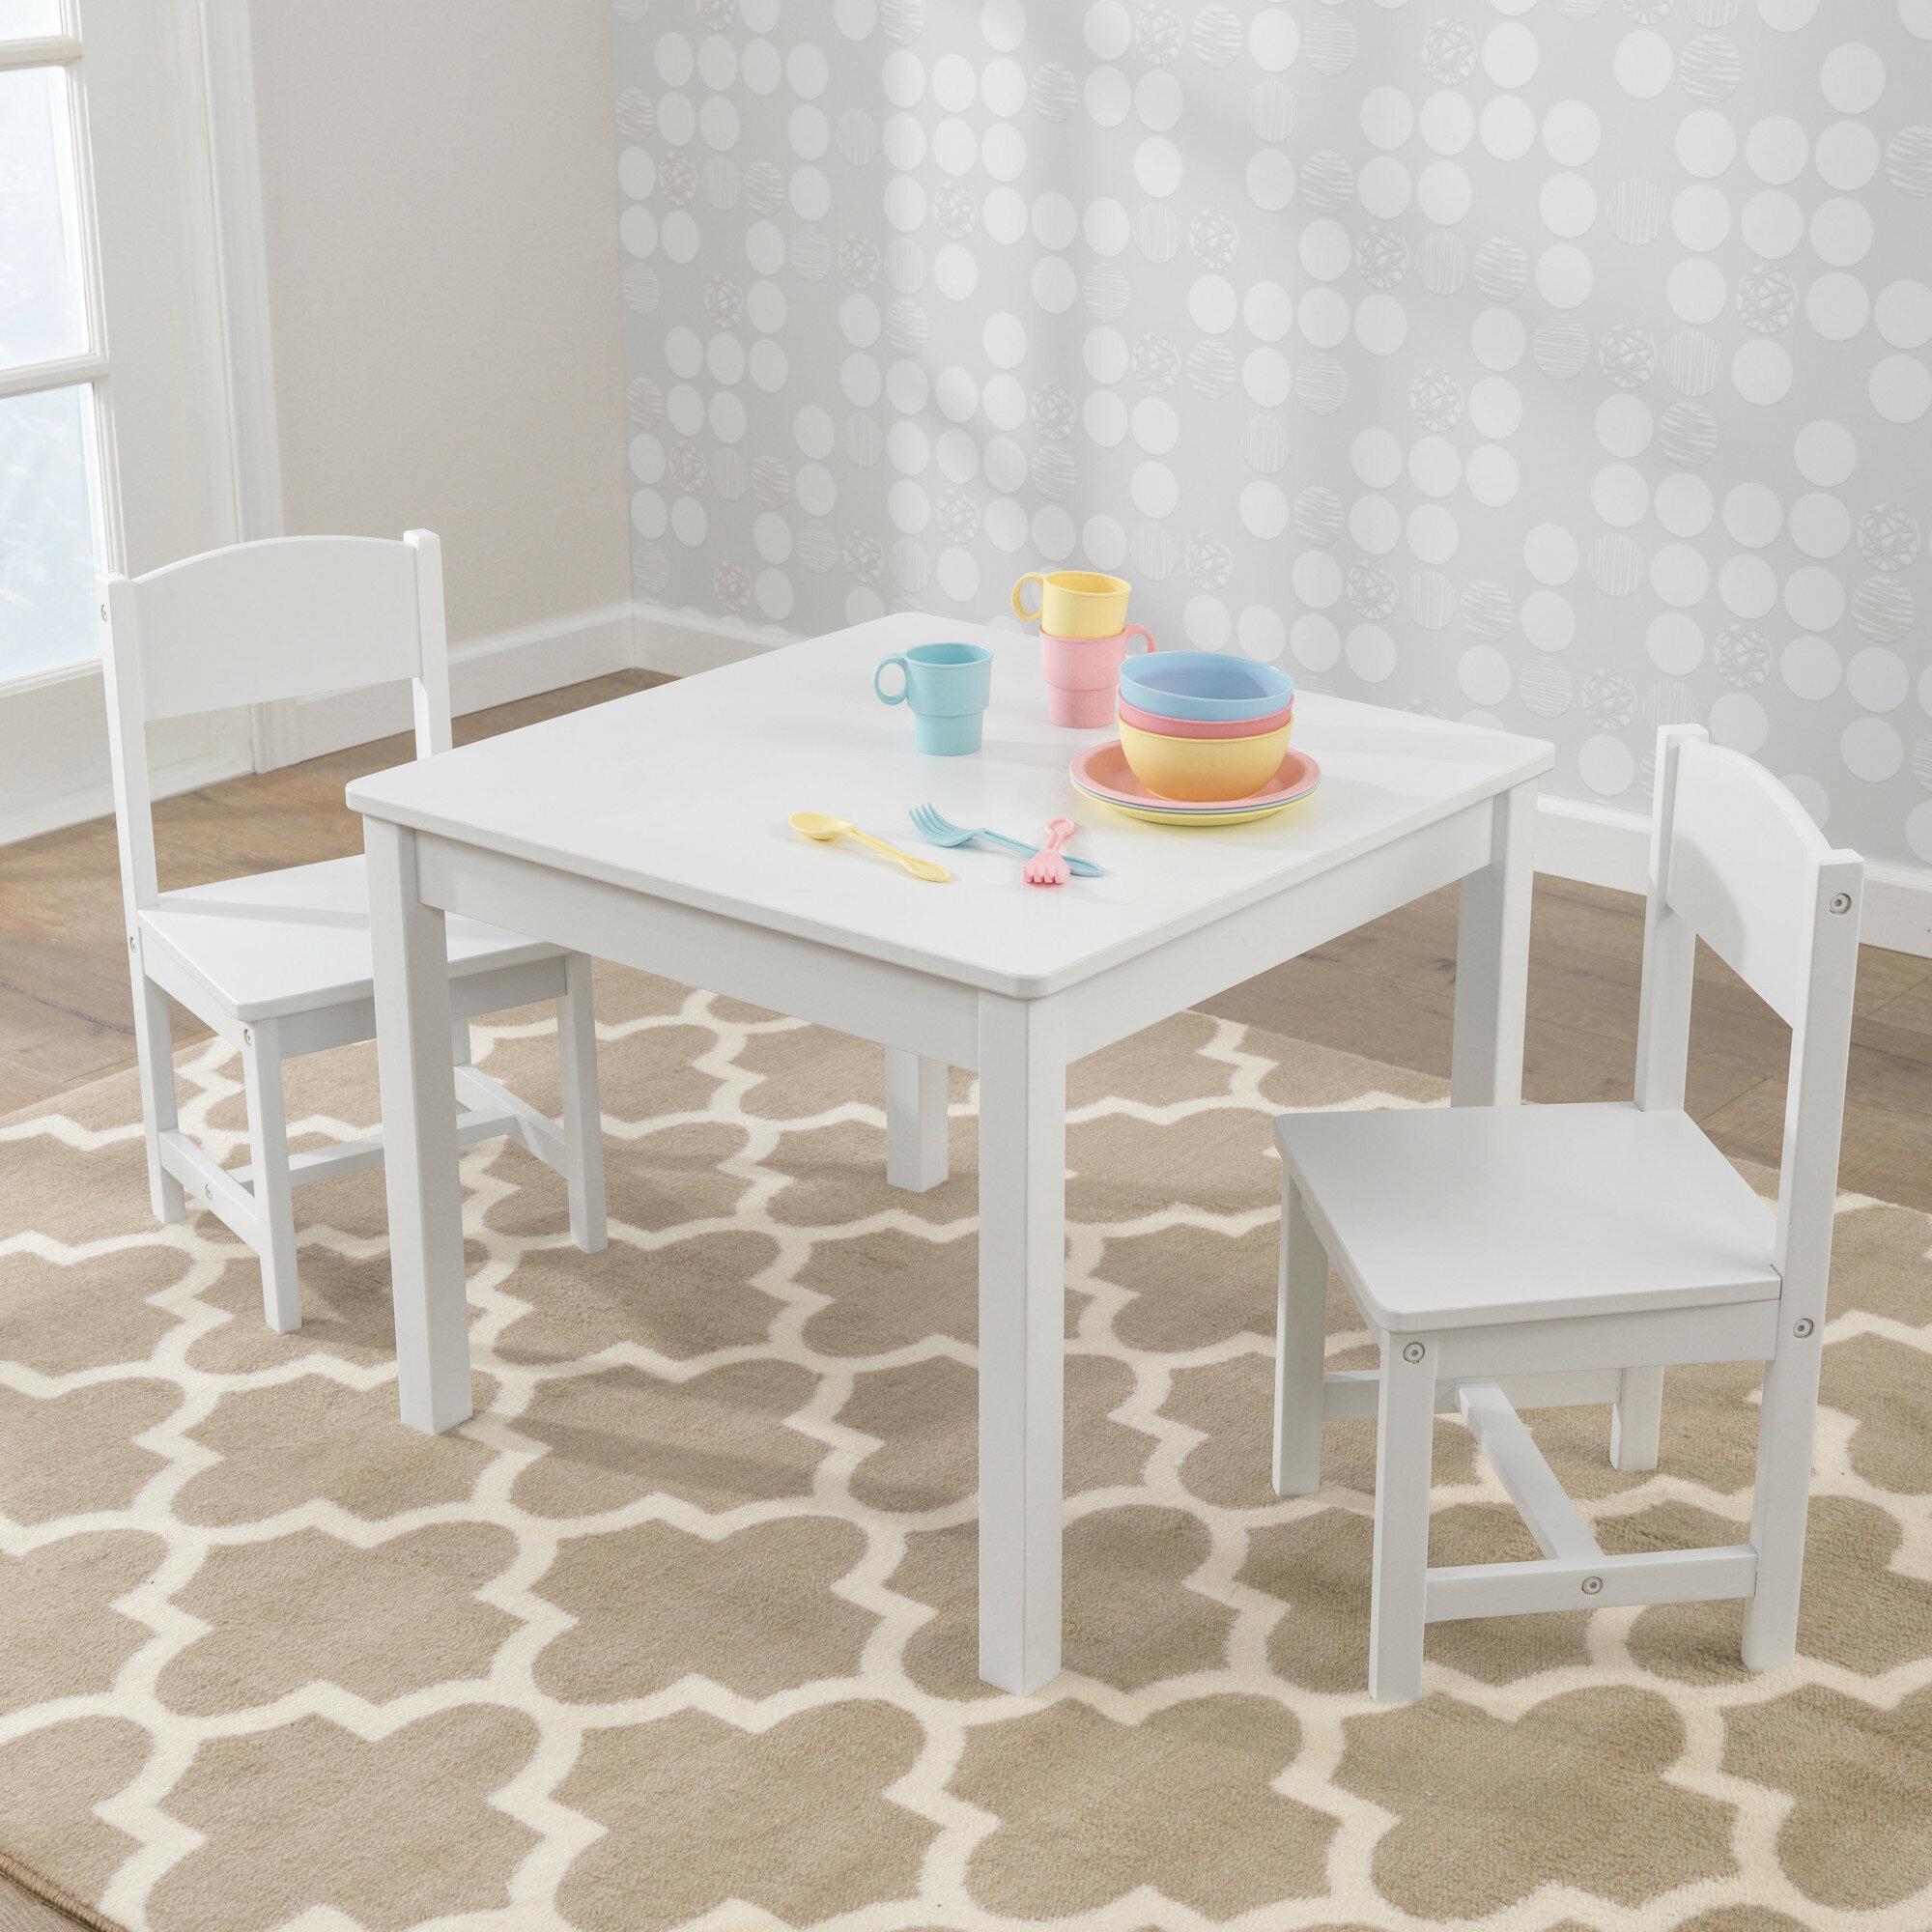 Erfreut Tisch Und Stuhl Setzt Für Kleine Küchen Bilder - Küche Set ...